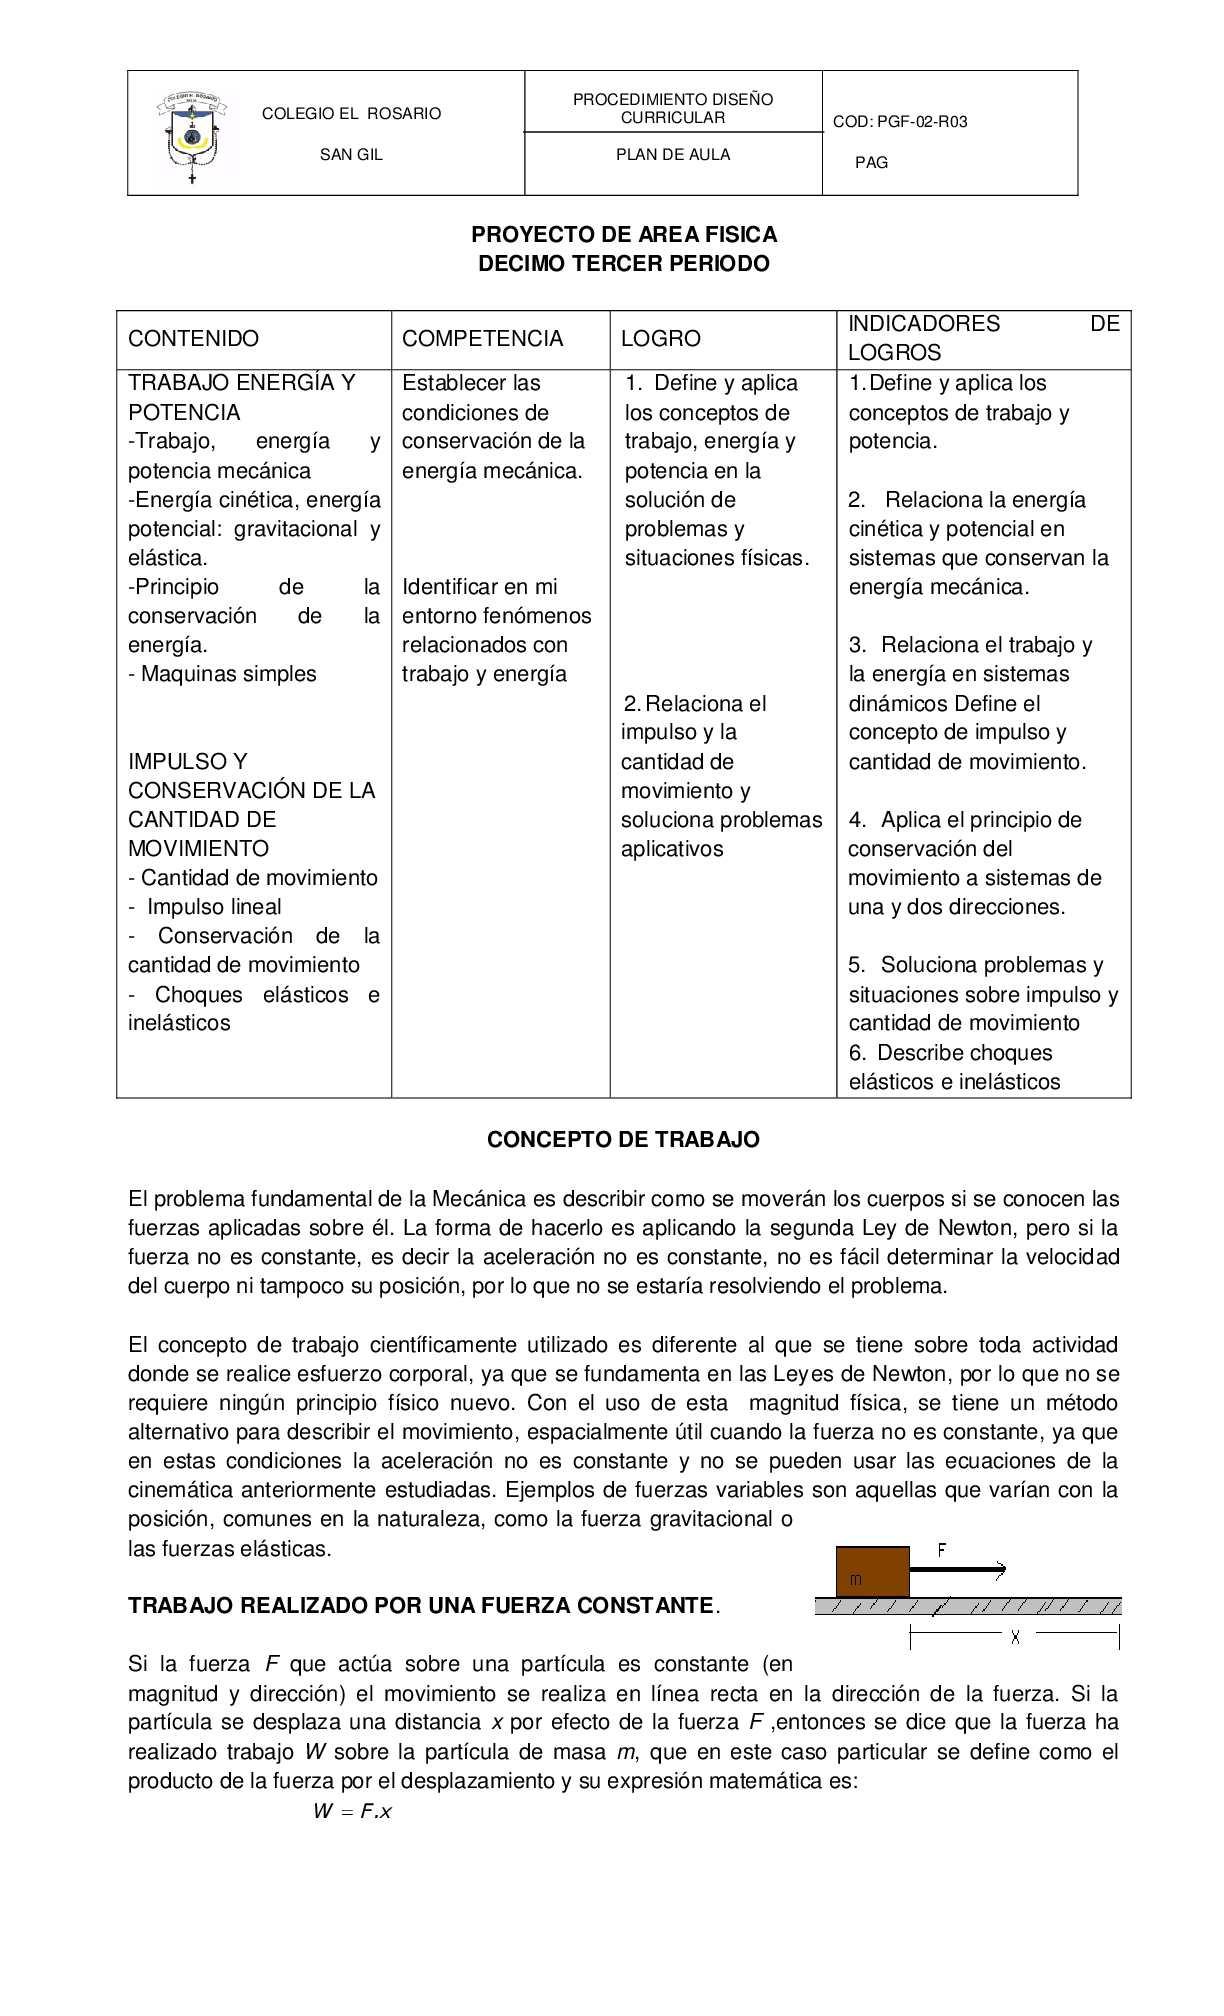 PROYECTO DE AREA FISICA DECIMO